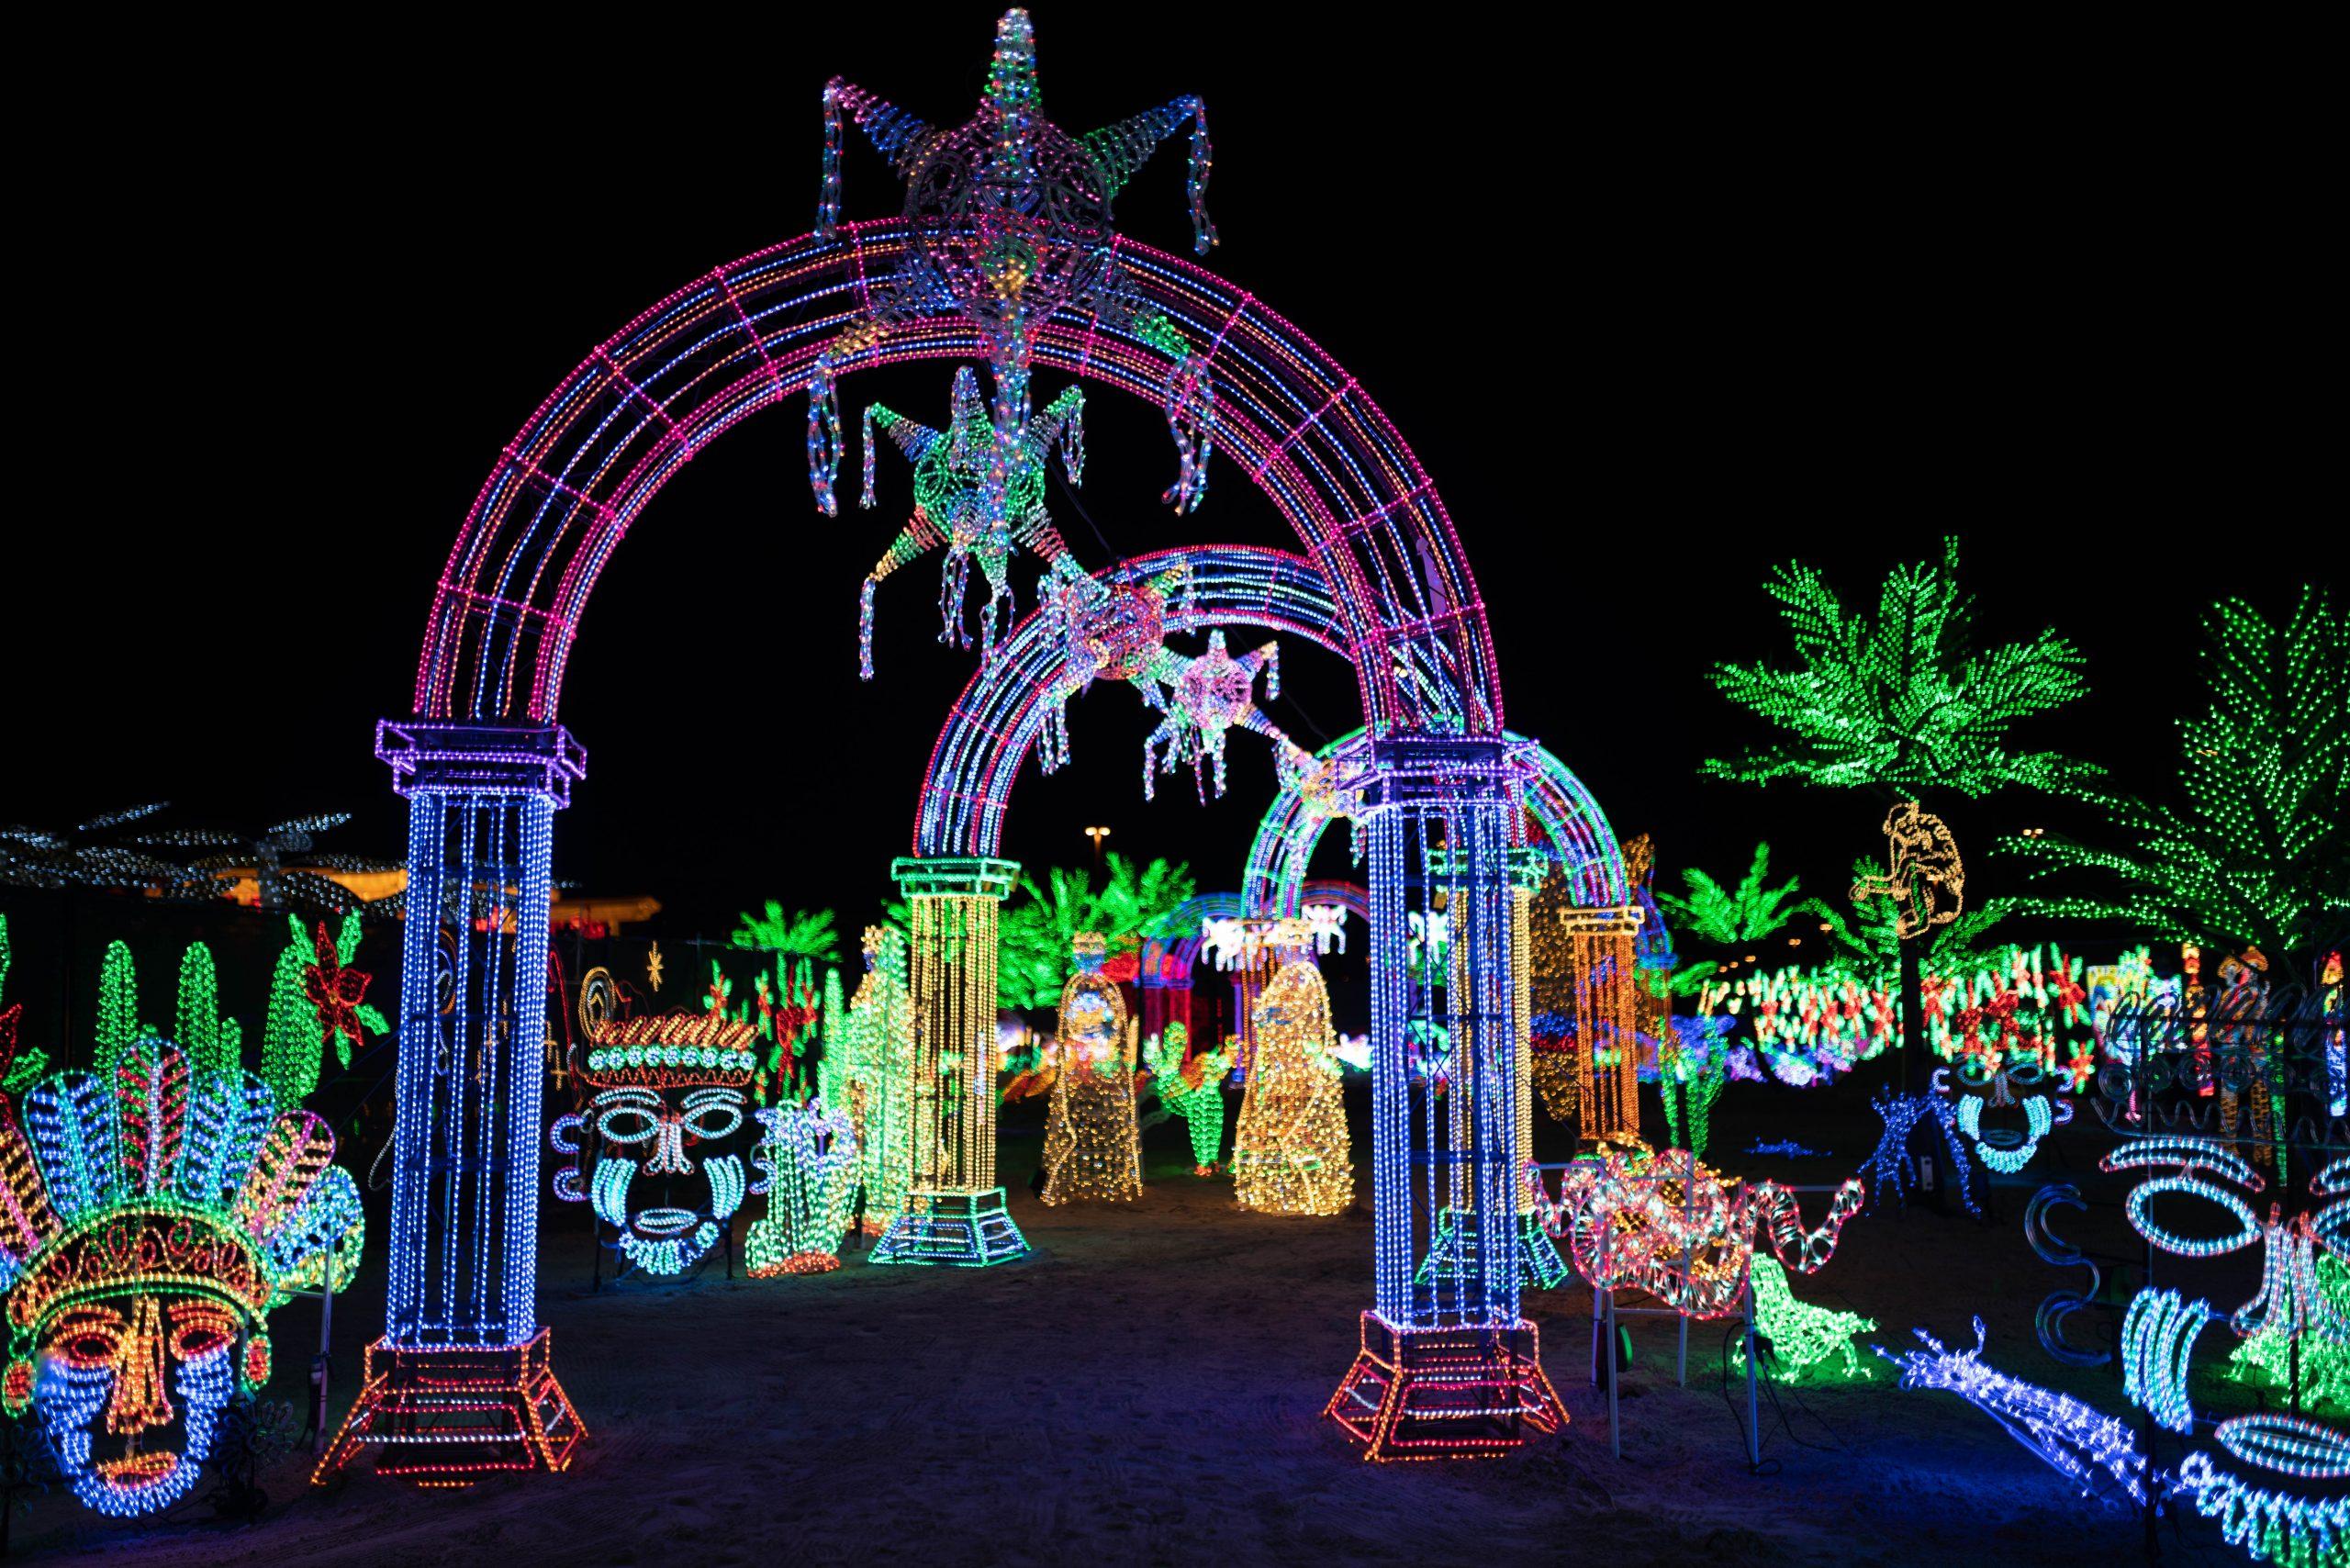 9-illumi-feerie-de-lumieres-en-voiture-illumi-a-drive-through-world-of-lights-scaled